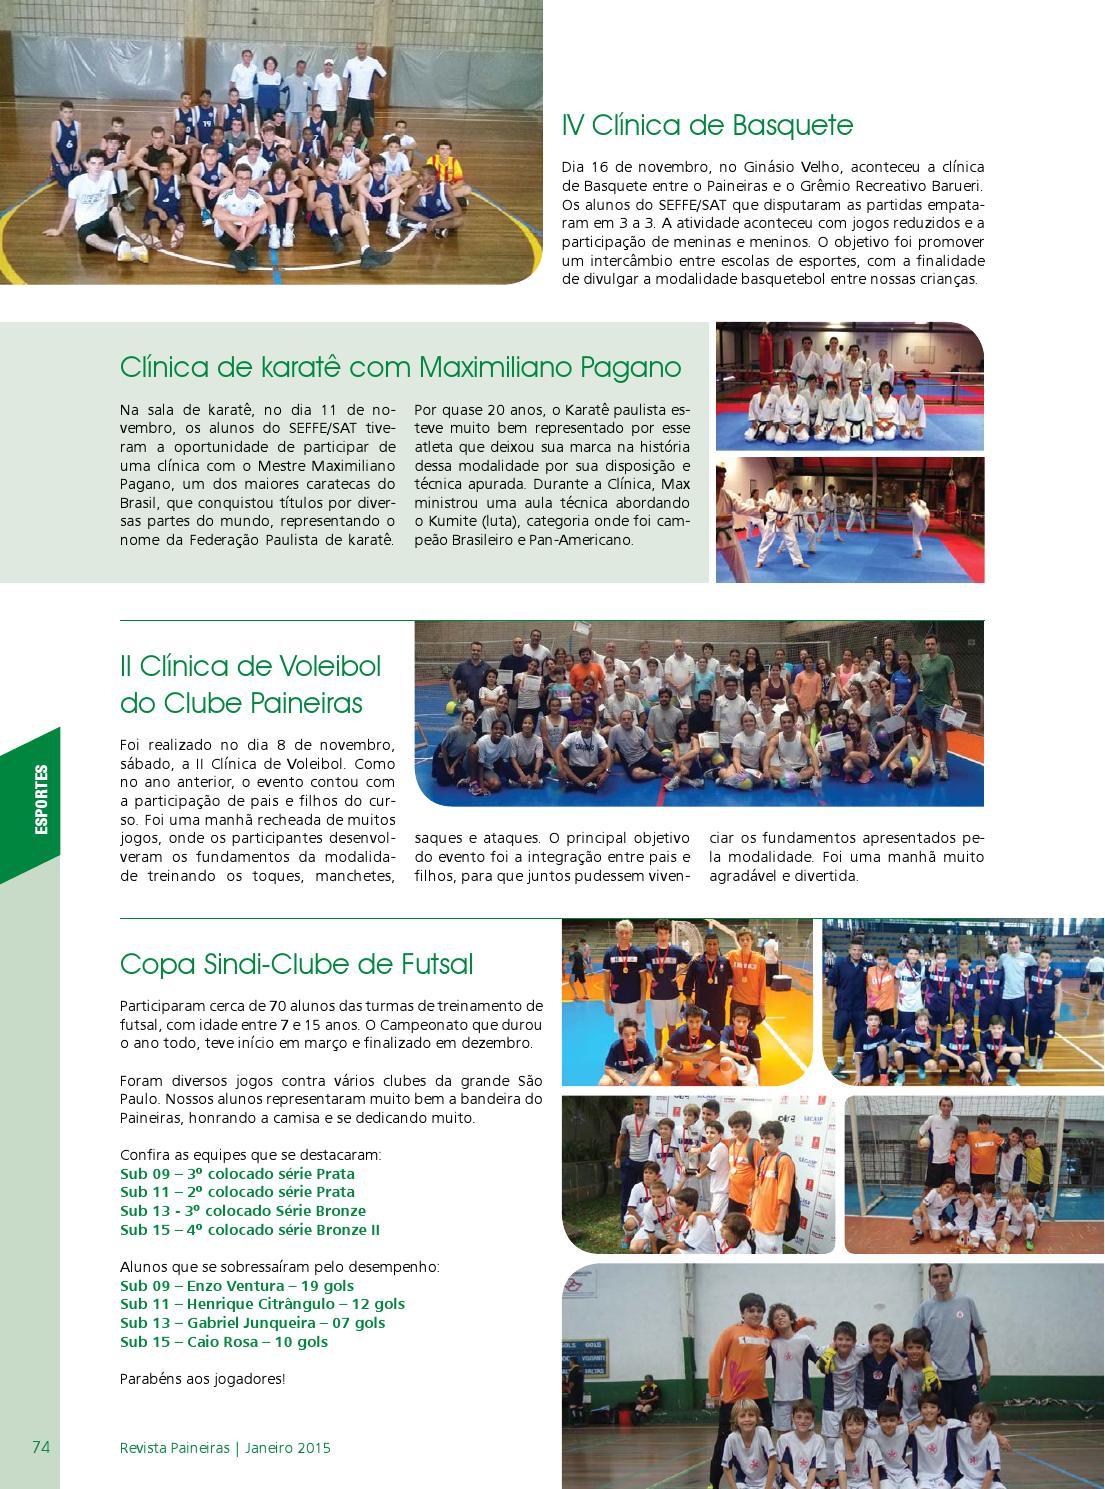 Revista Paineiras - Janeiro 2015 by Clube Paineiras do Morumby - issuu 00ce0c16f8e5c